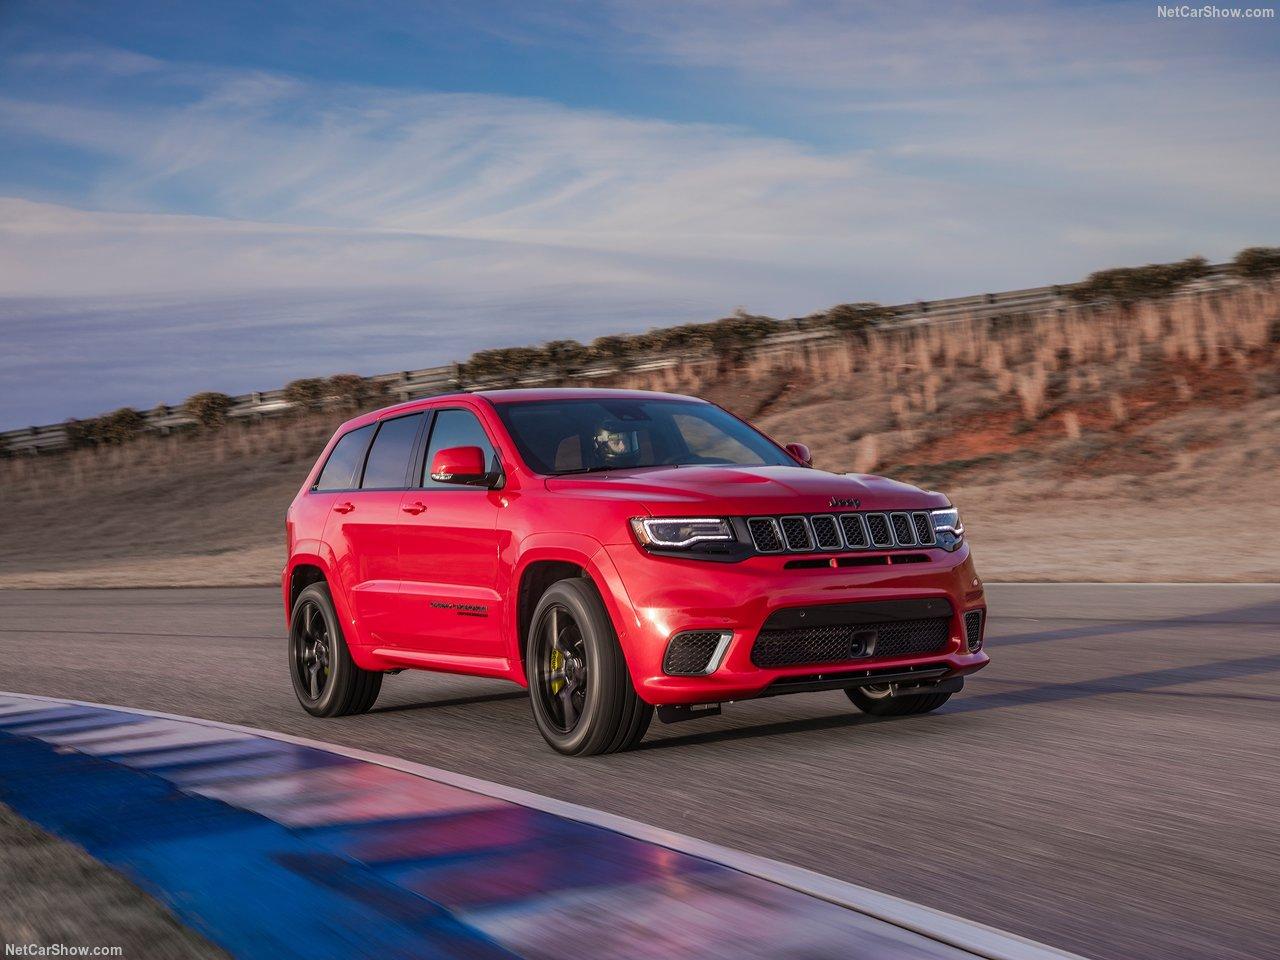 Jeep Grand Cherokee Trackhawk leva Cristiano Ronaldo dos 0 aos 100 km/h em 3,5 segundos